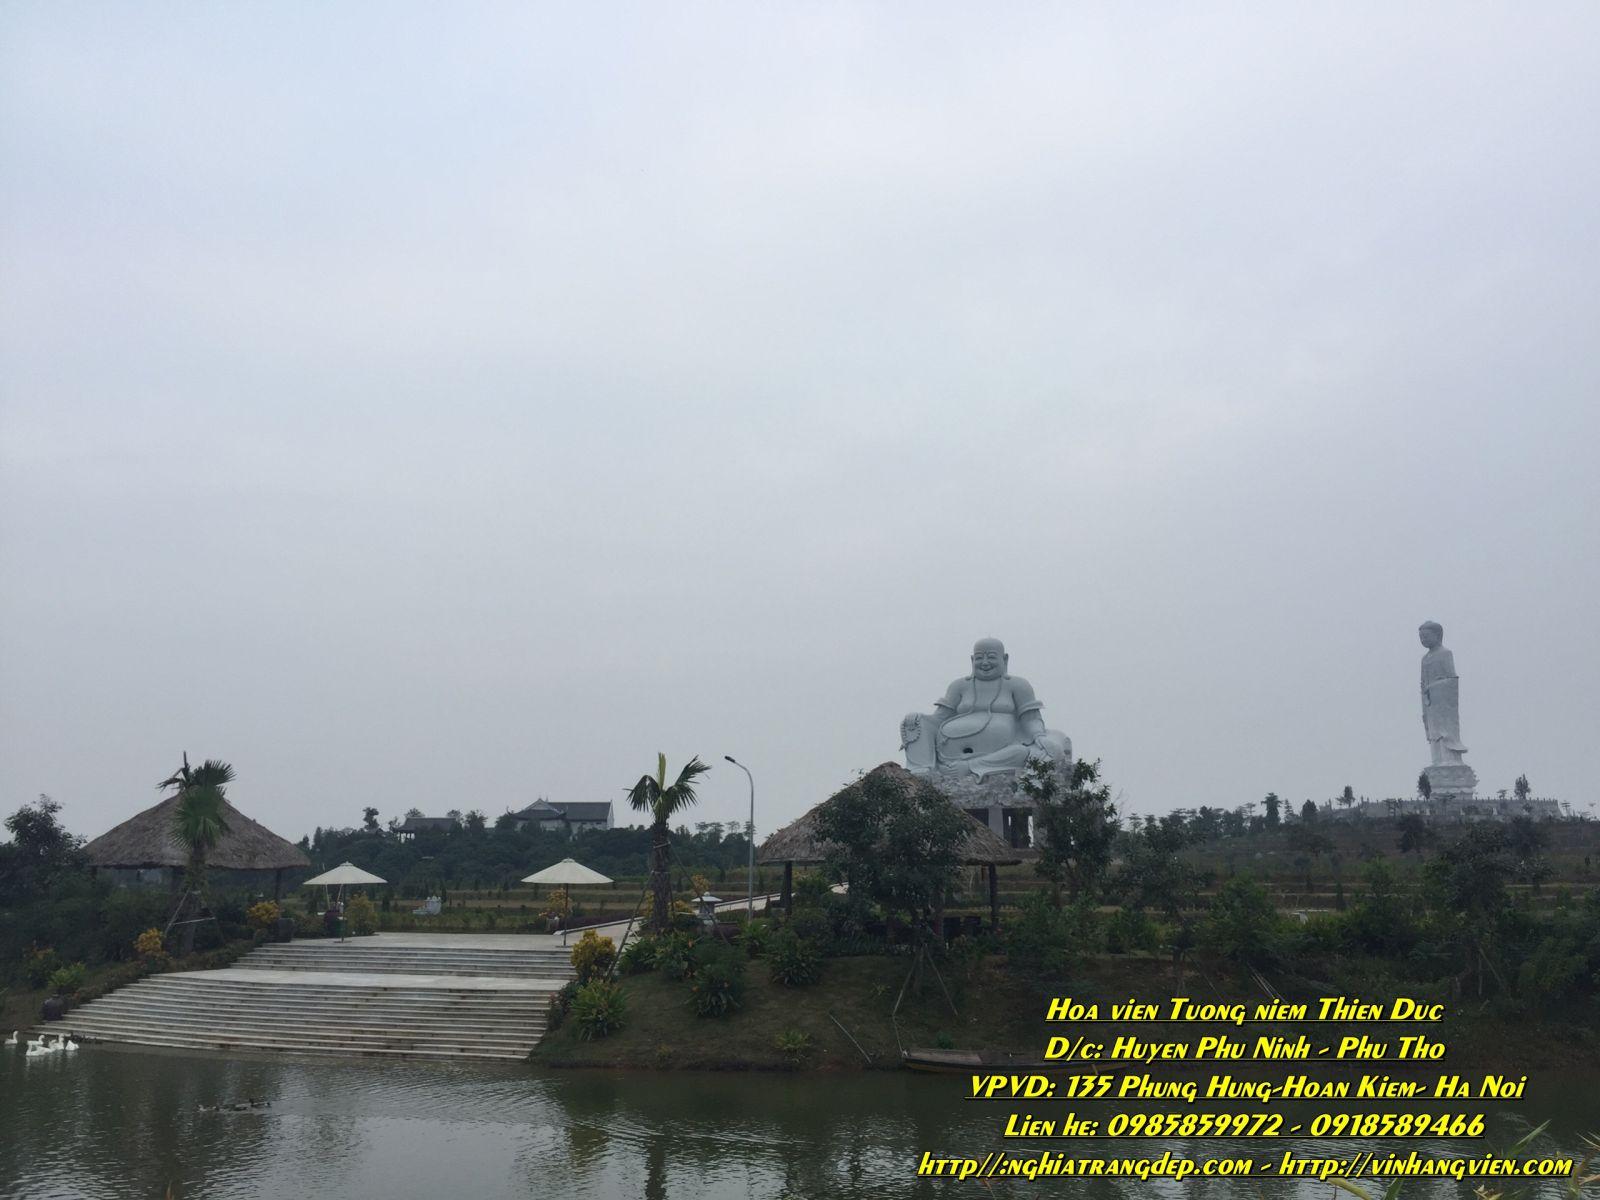 Công viên nghĩa trang Thiên Đức Siêu Nghĩa Trang Sinh Thái Cong-vien-nghia-trang-thien-duc-vinh-hang